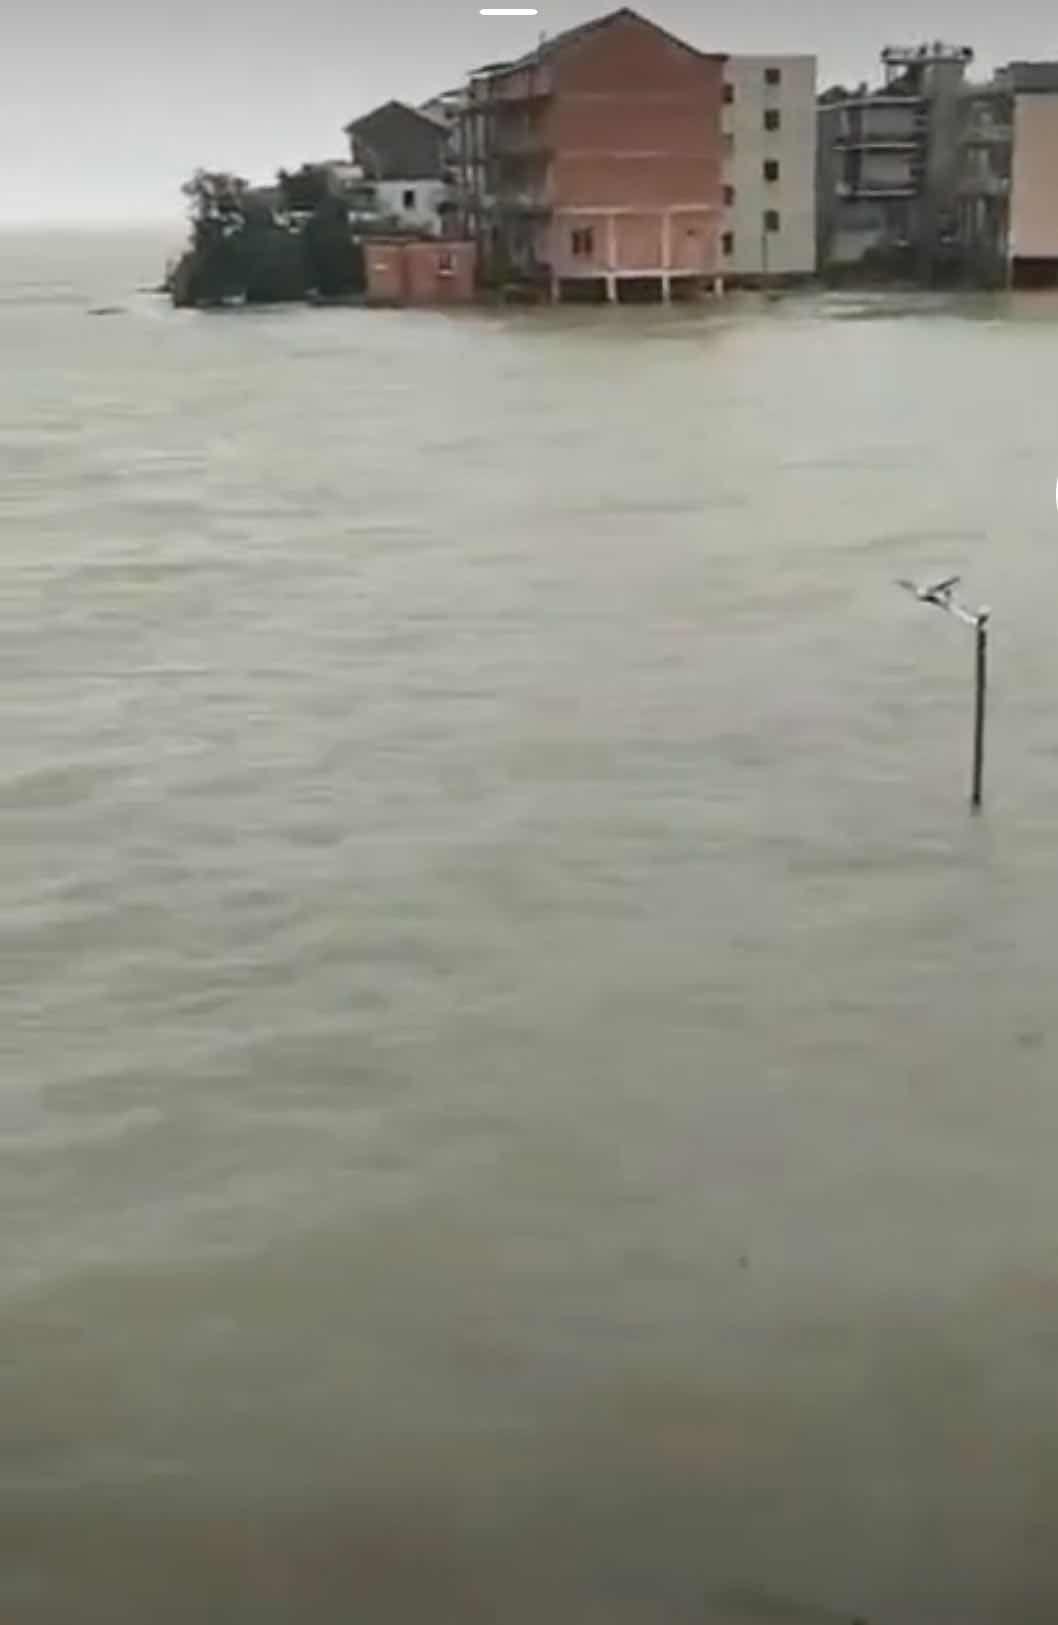 【网站推广的作用】_江西鄱阳双港镇圩堤决口,赵家湾村被困正在救援